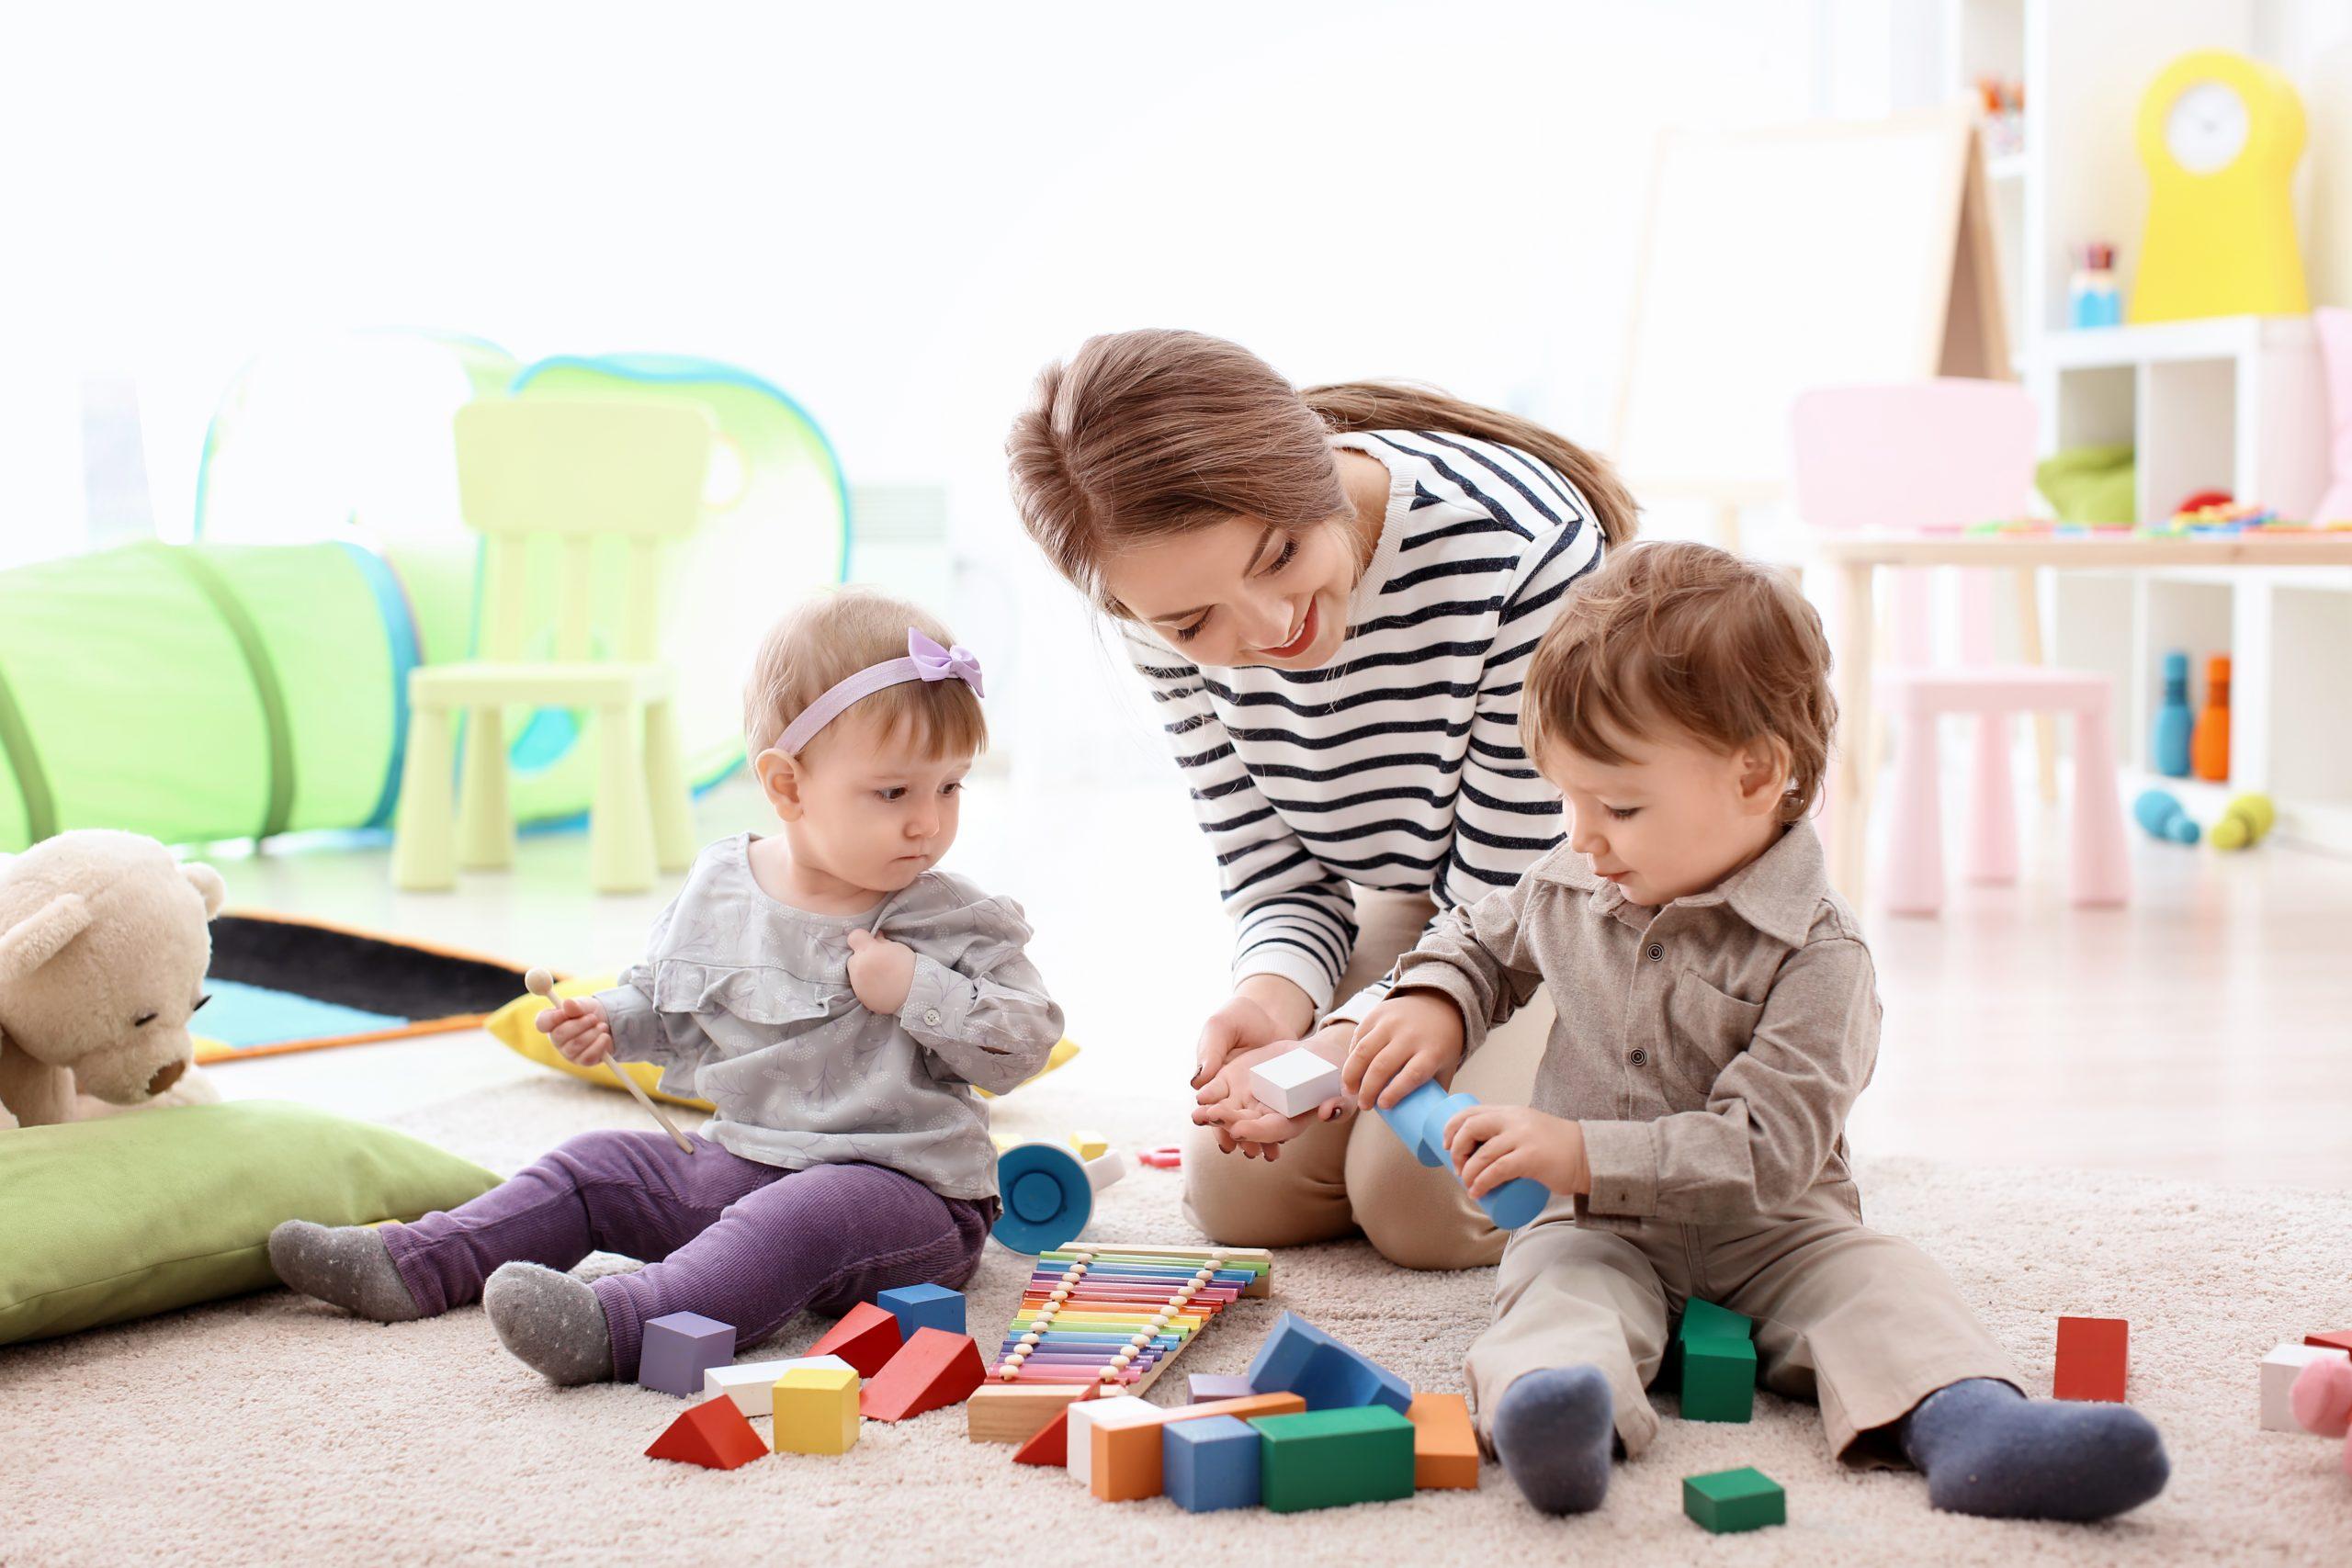 Familienverband vermittelte 2020 rund 1.400 Jugendliche als Babysitter